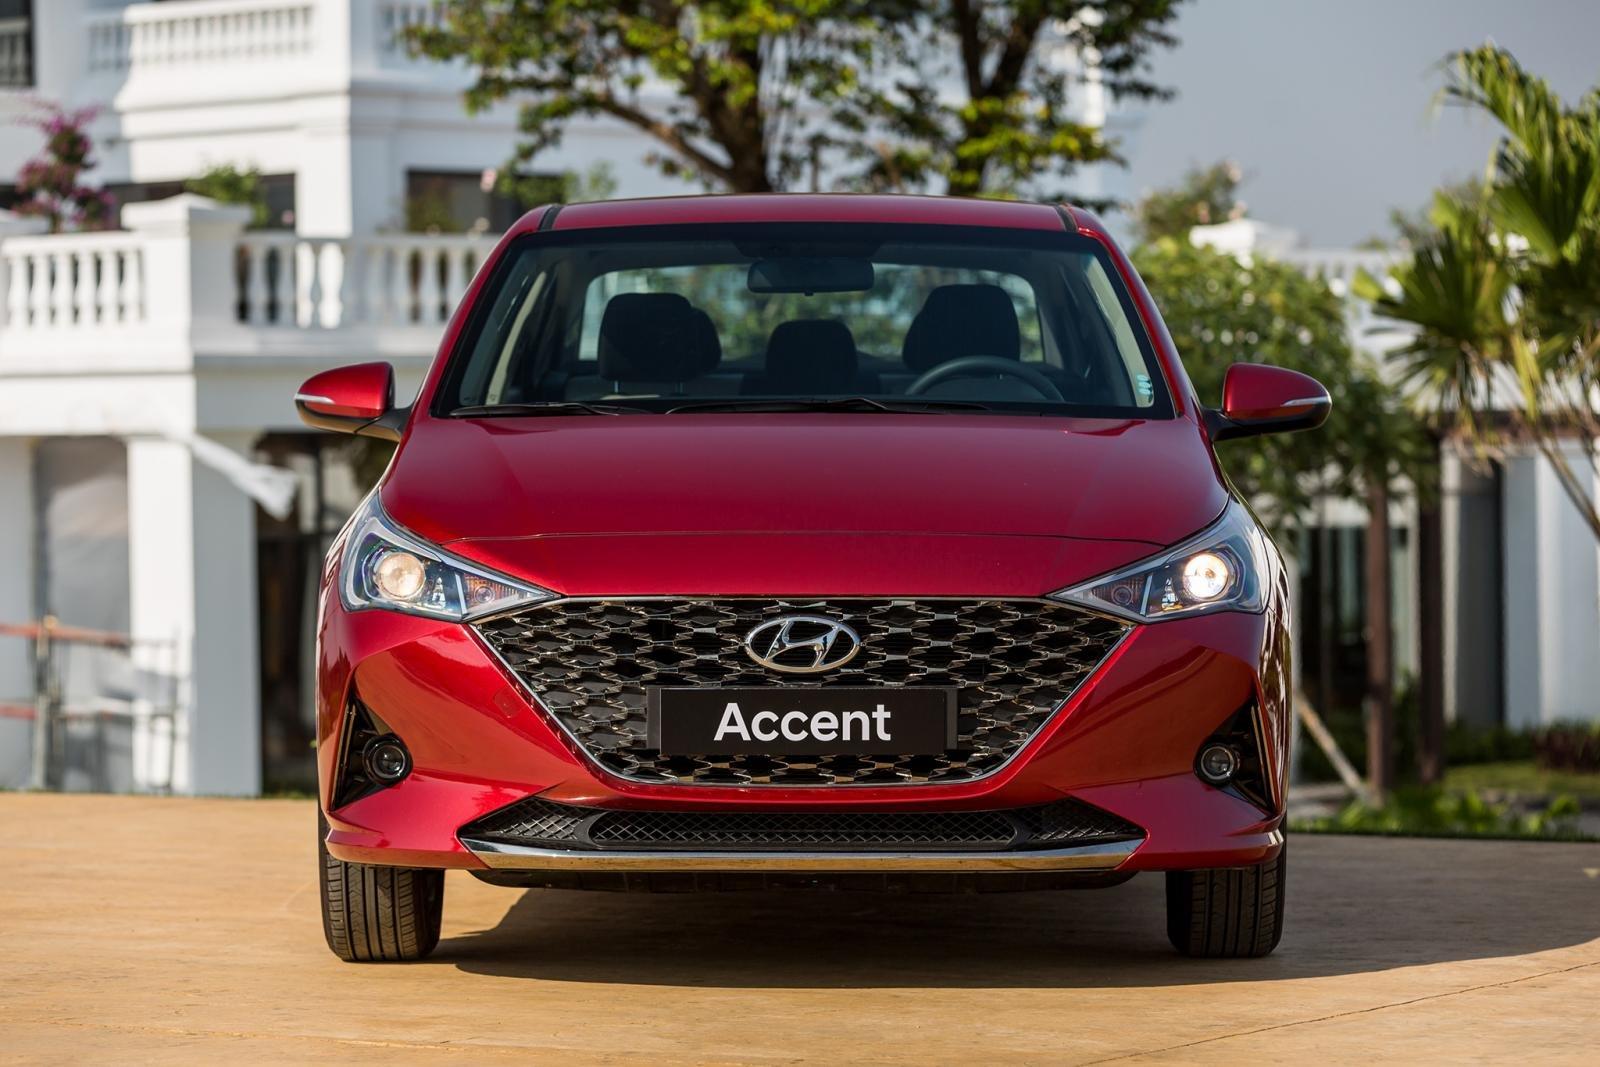 Giá xe Hyundai Accent mới nhất tháng 10/2021, sedan cỡ B bán chạy nhất thị trường Việt Nam 1